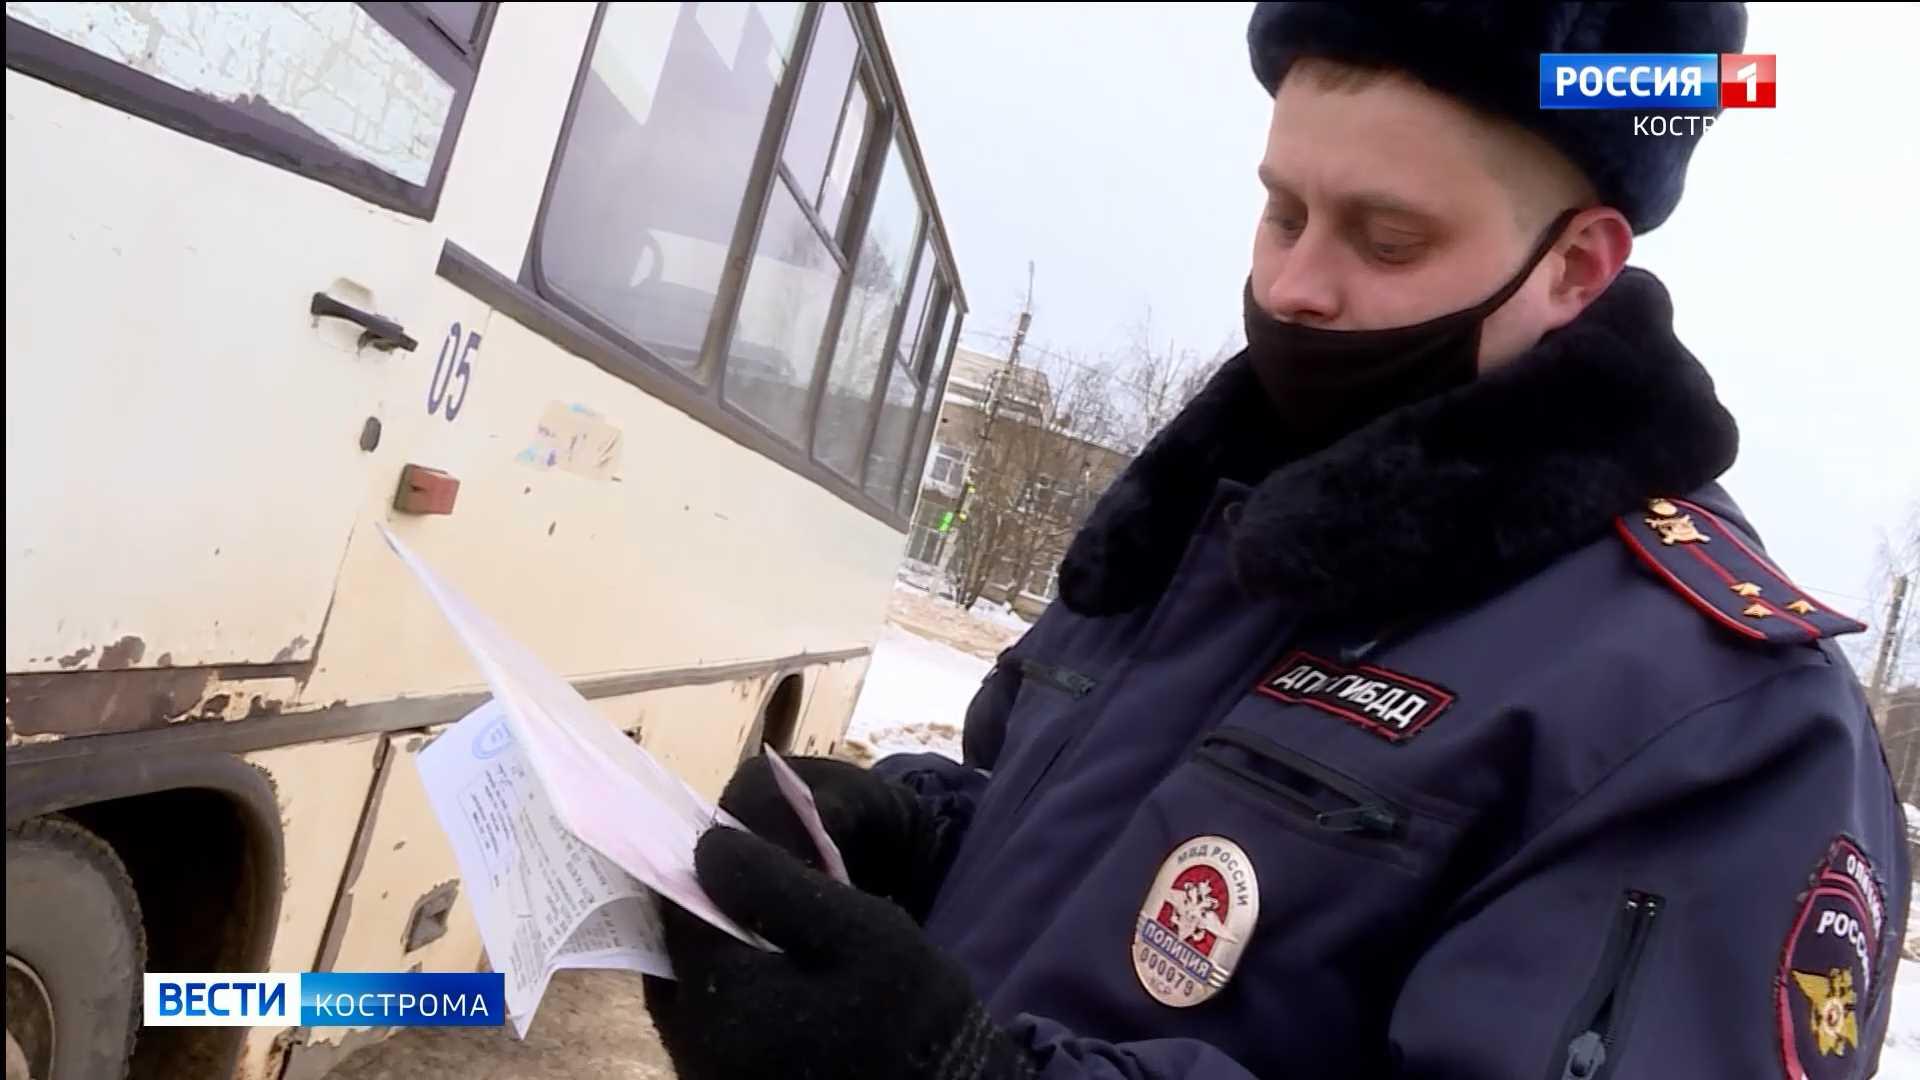 В Костроме начались массовые проверки пассажирского транспорта